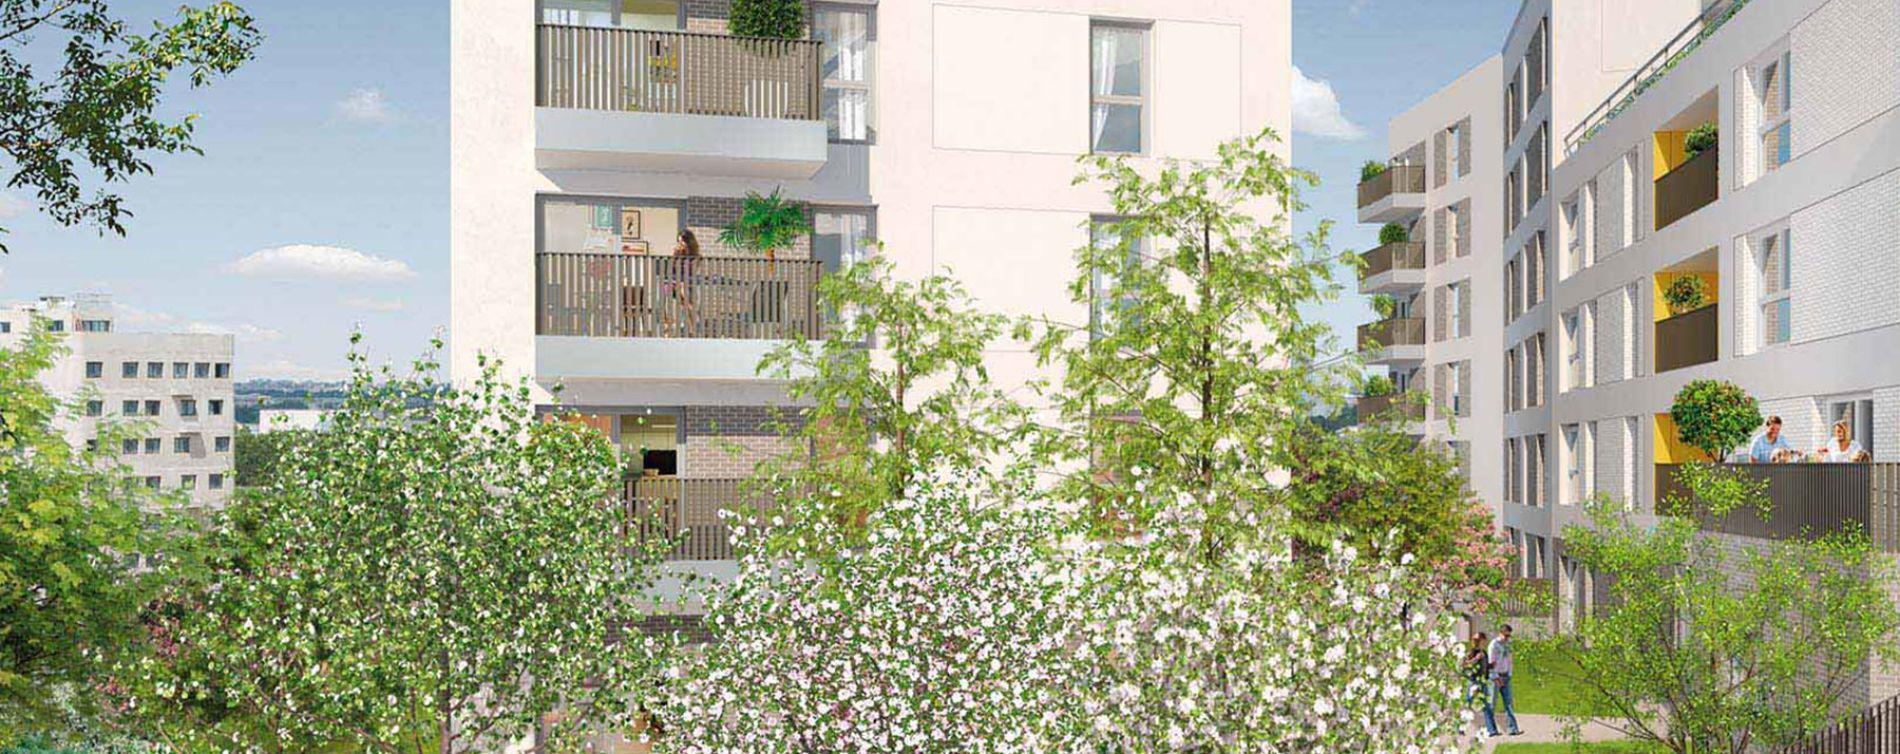 Vitry-sur-Seine : programme immobilier neuve « Carré Watteau » (2)